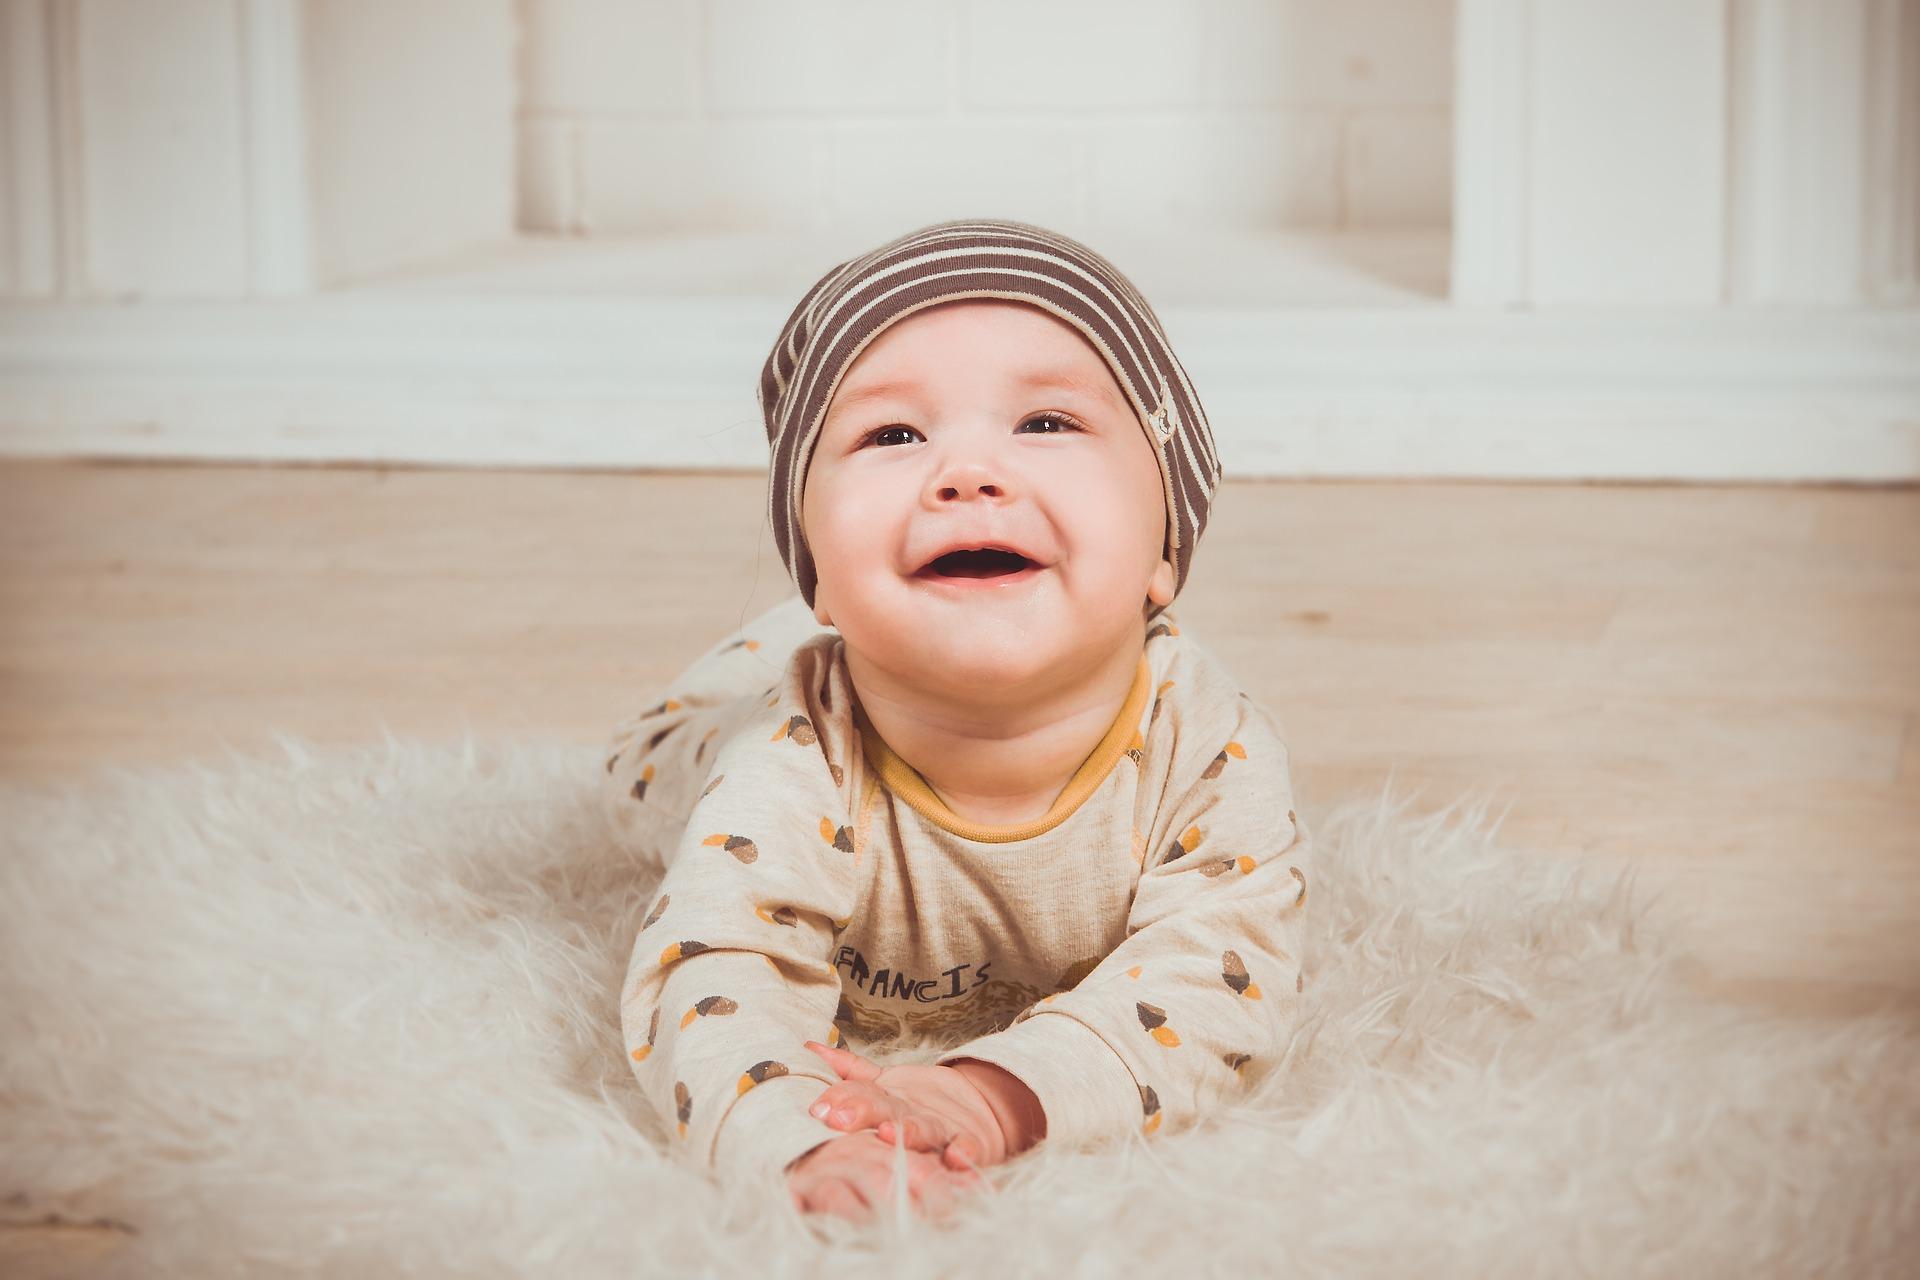 【SNOW】子供の顔予想ができない!やり方やそもそも子供の顔予想とは?